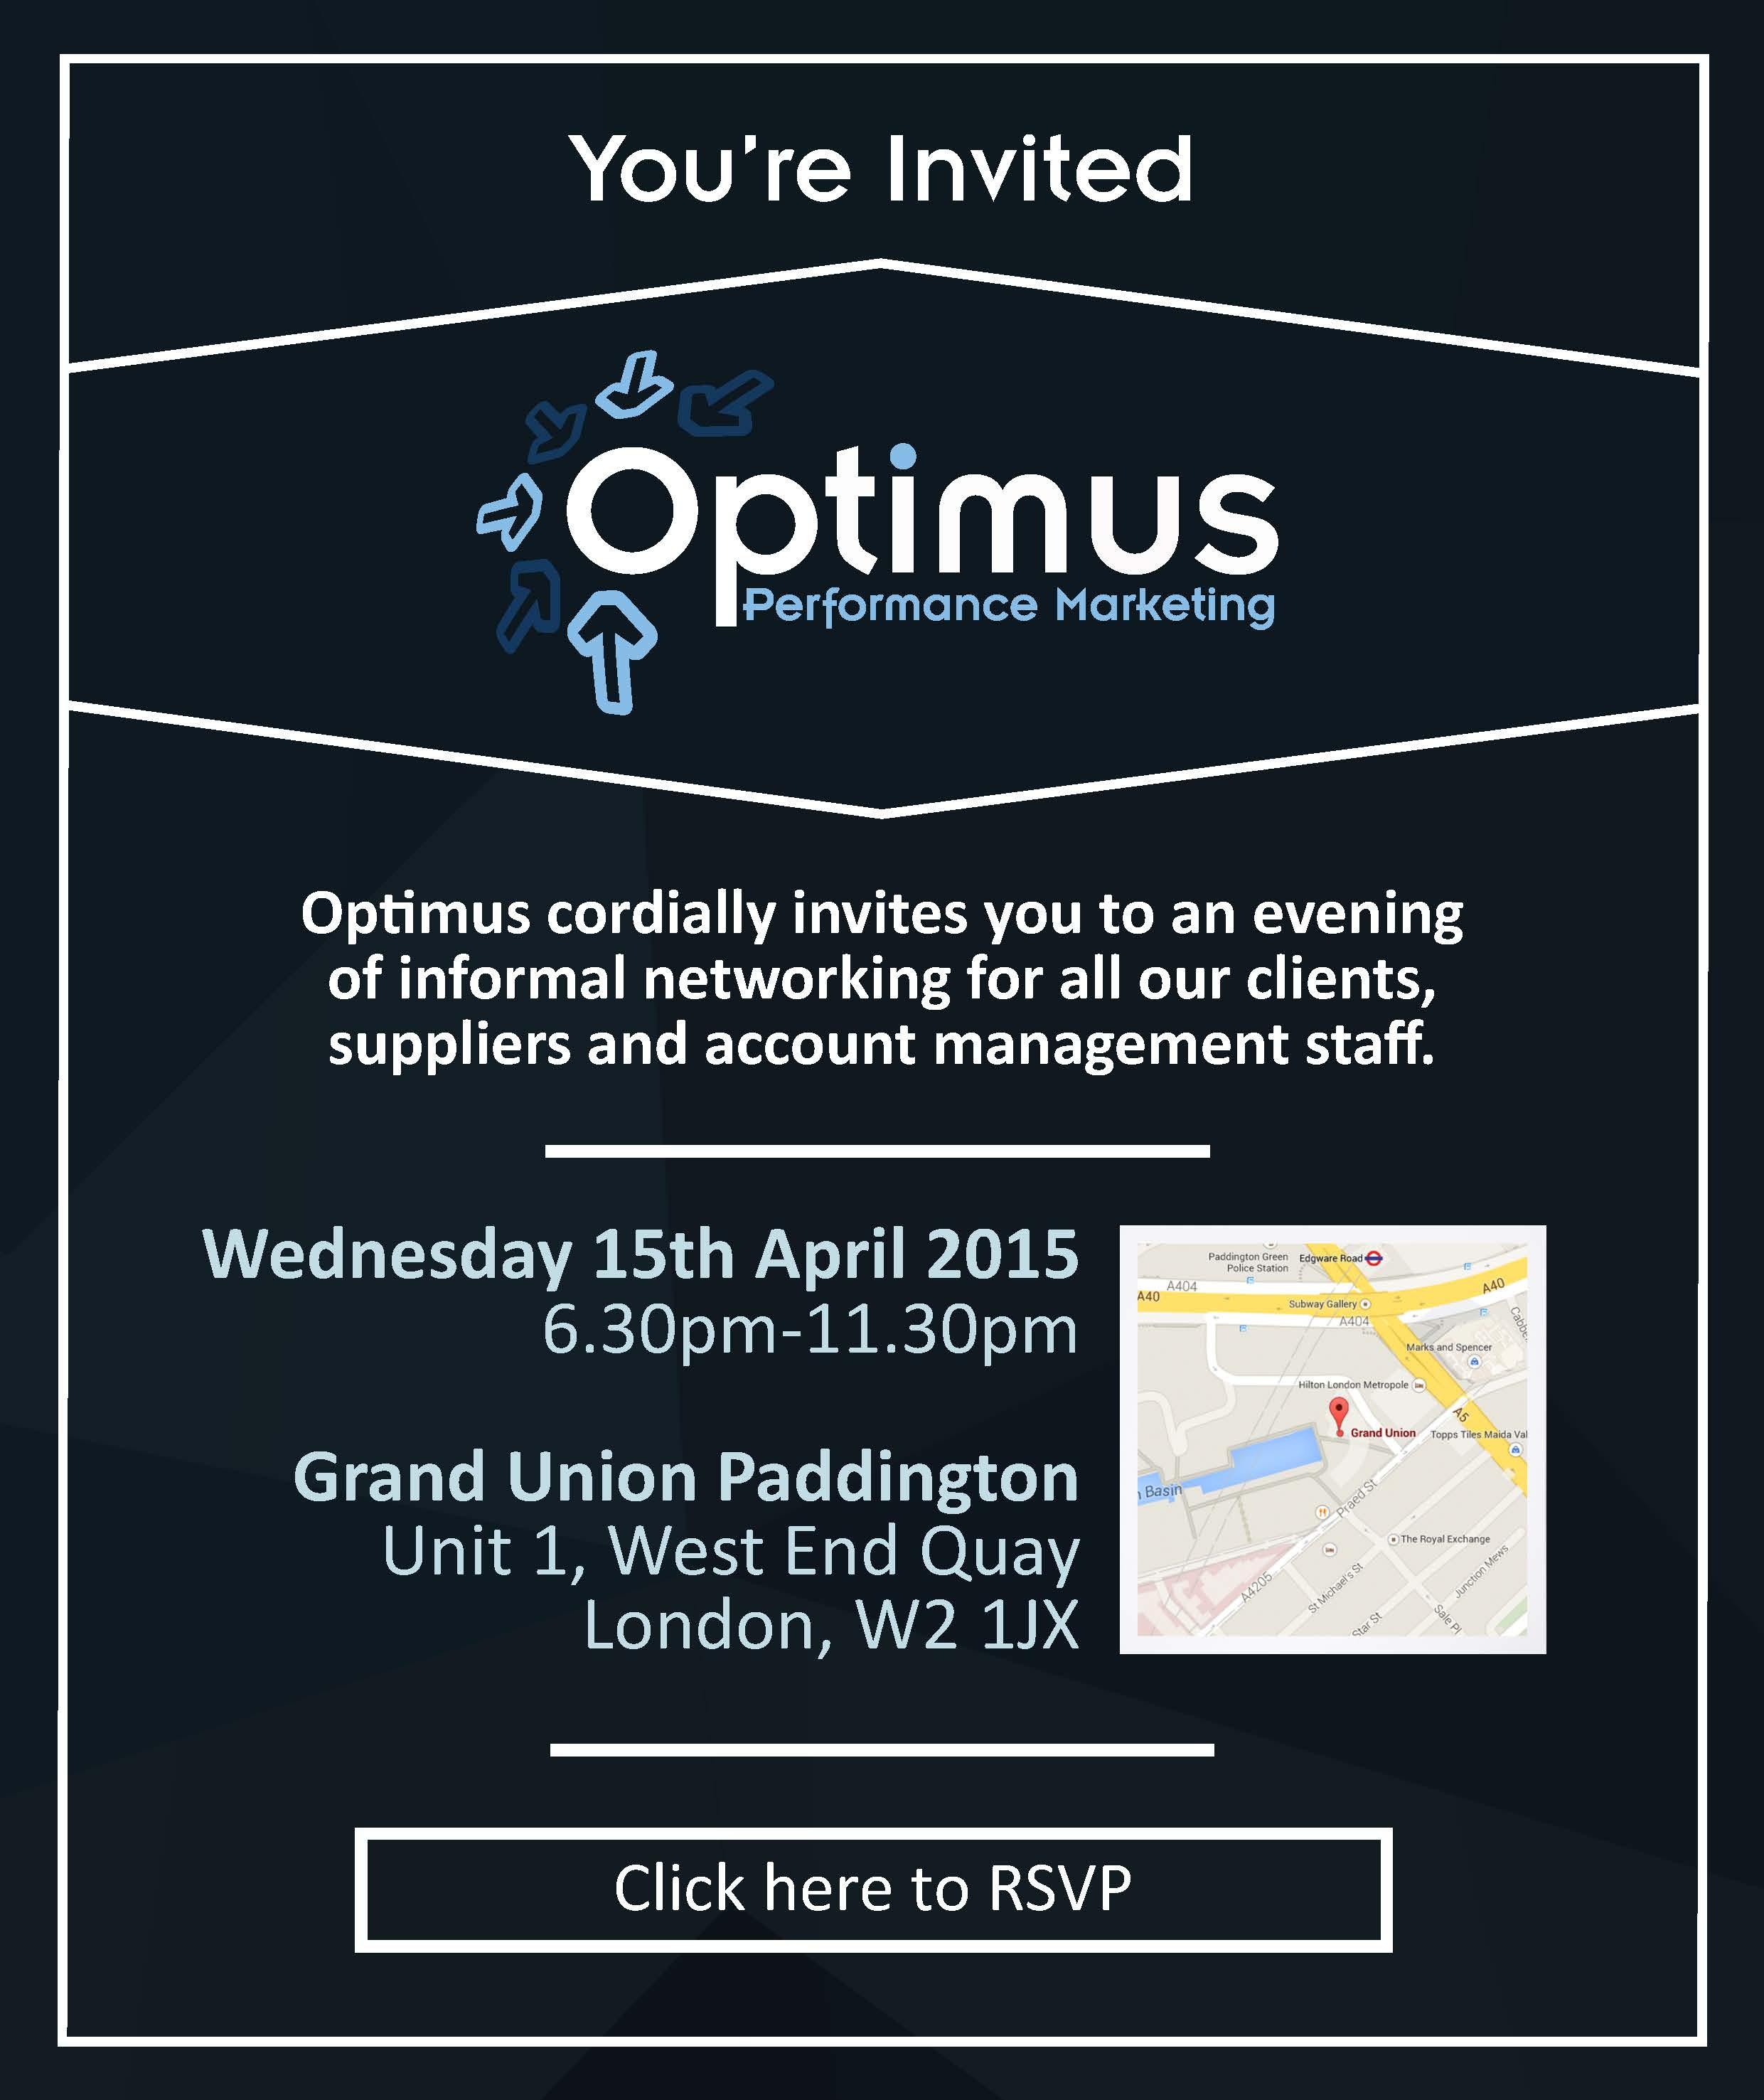 OPM-EmailInvite-V4